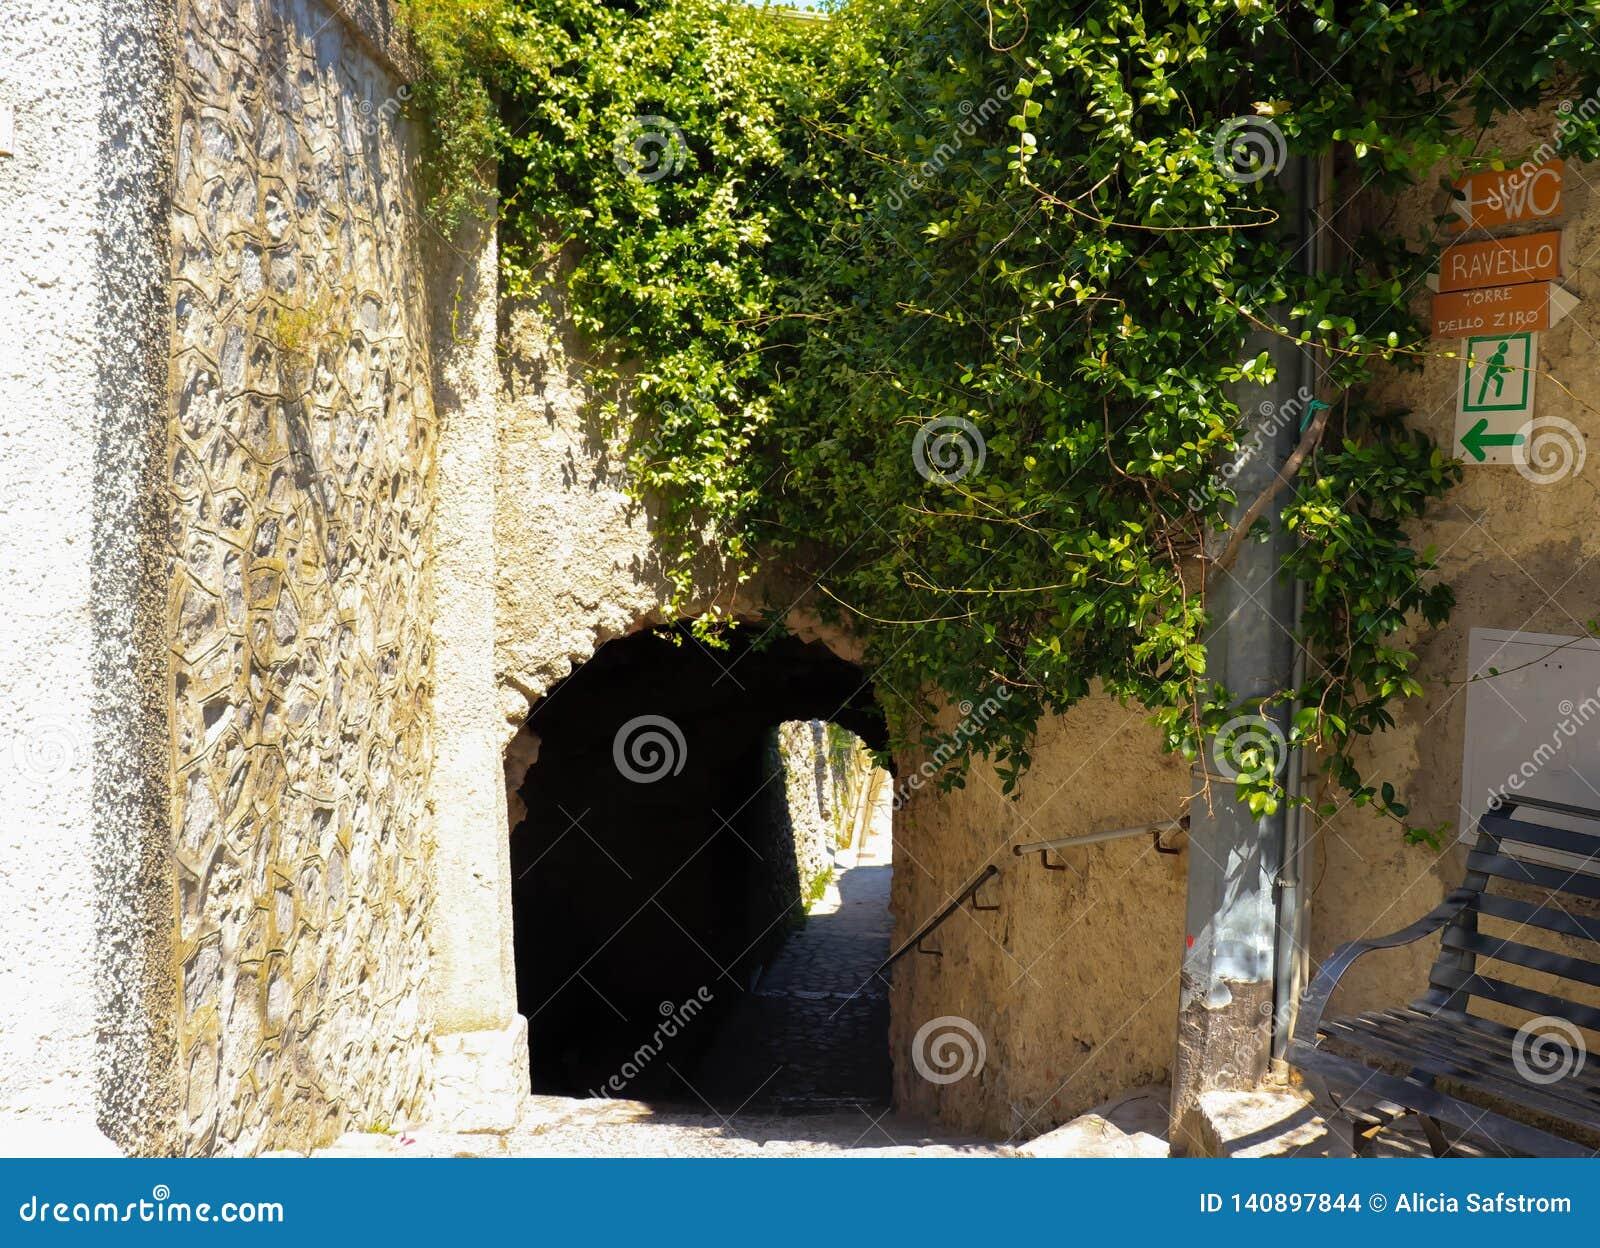 Een oude Italiaanse passage aan Ravello, Itally